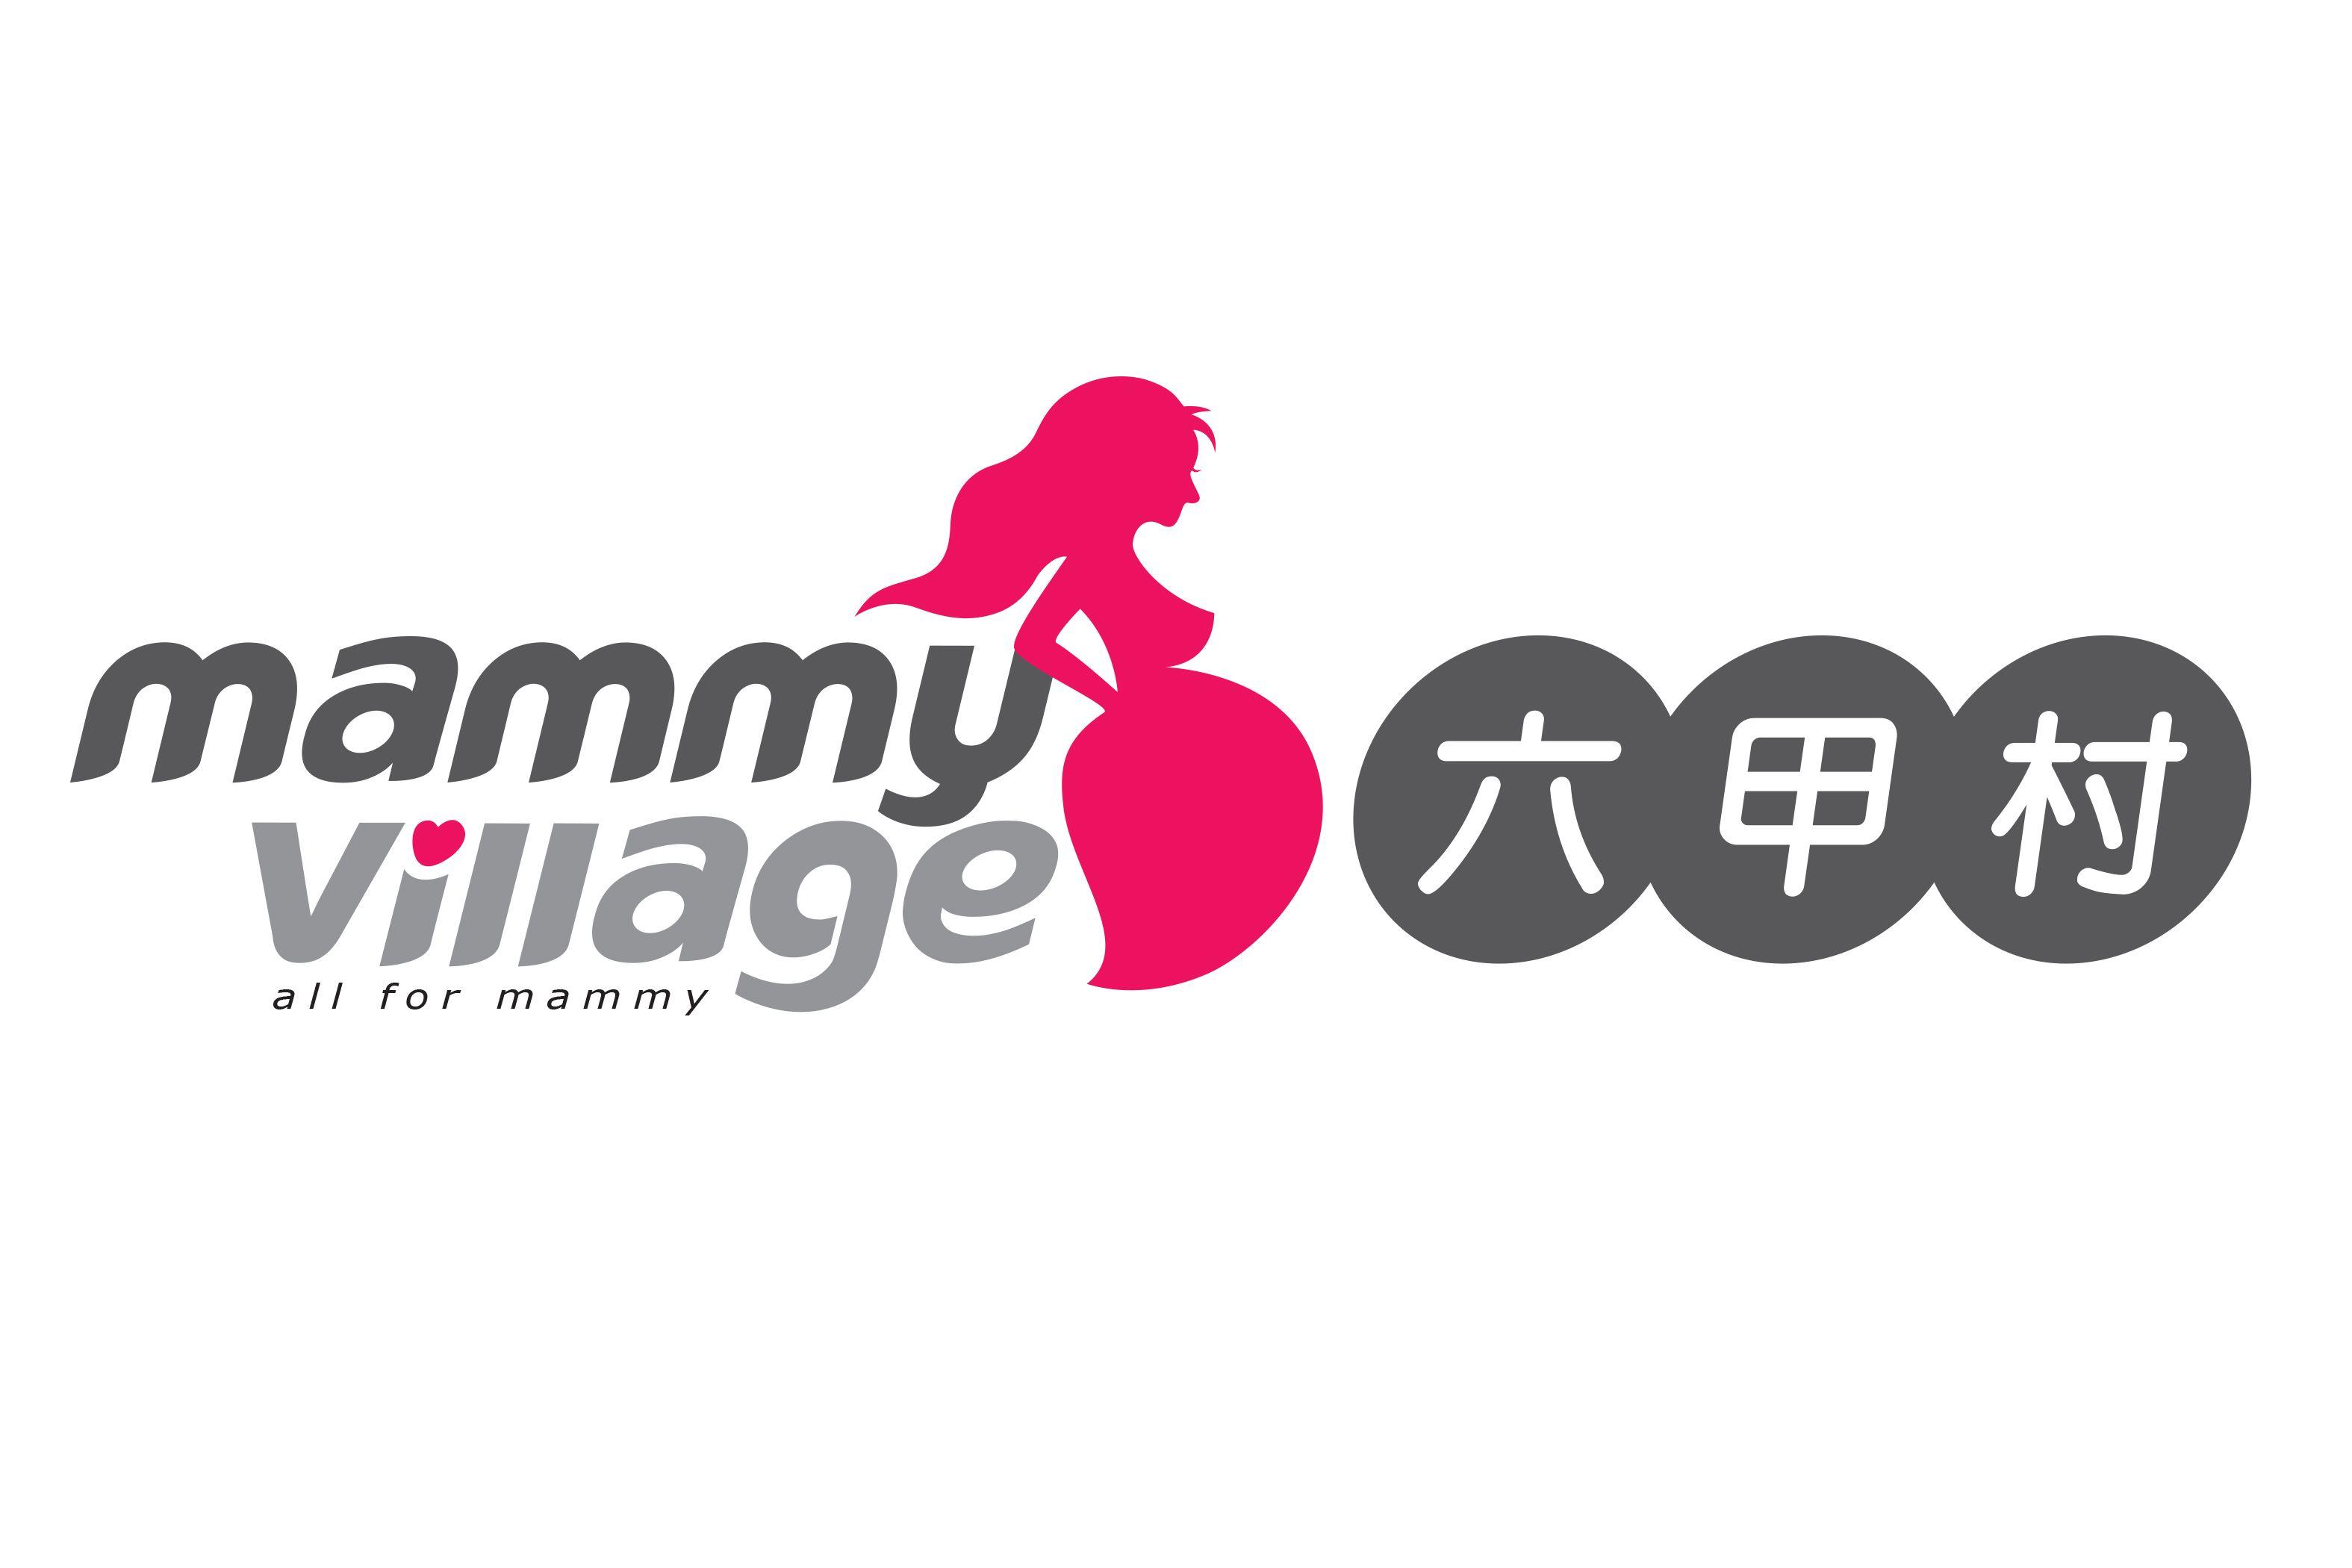 Mammy Village六甲村